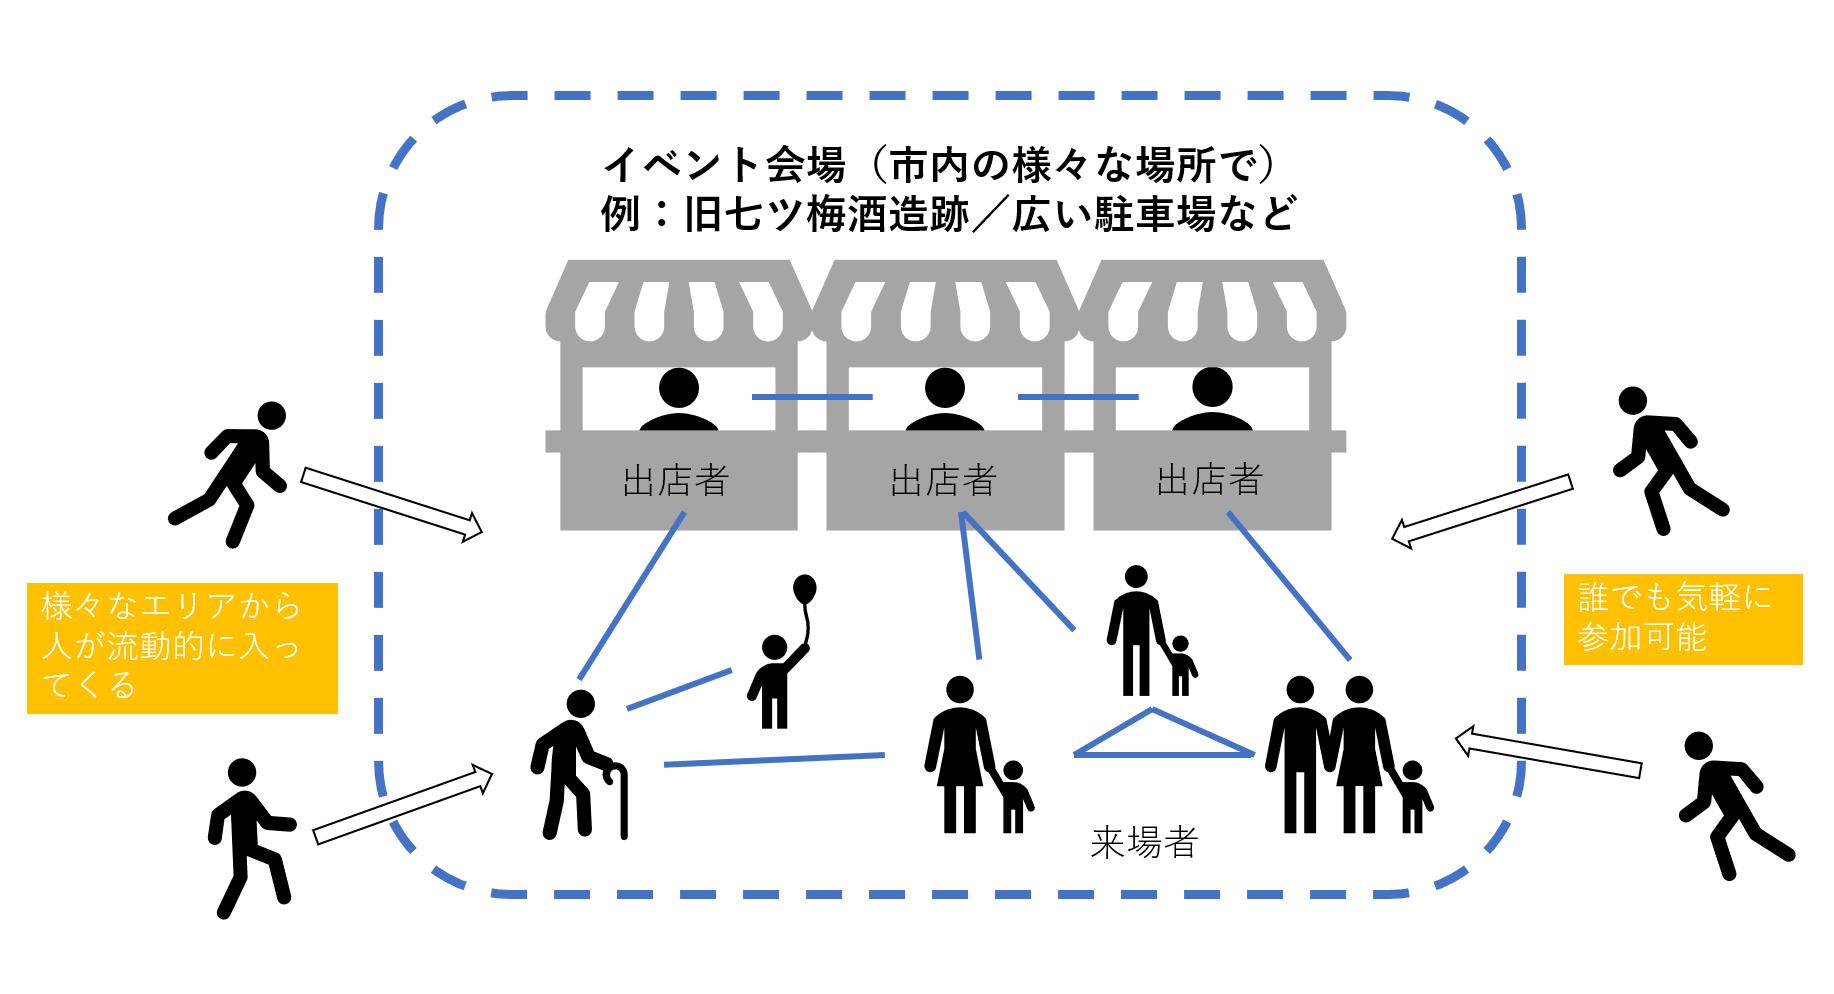 図3 未来に向けた新しいネットワークの可能性(著者作成)